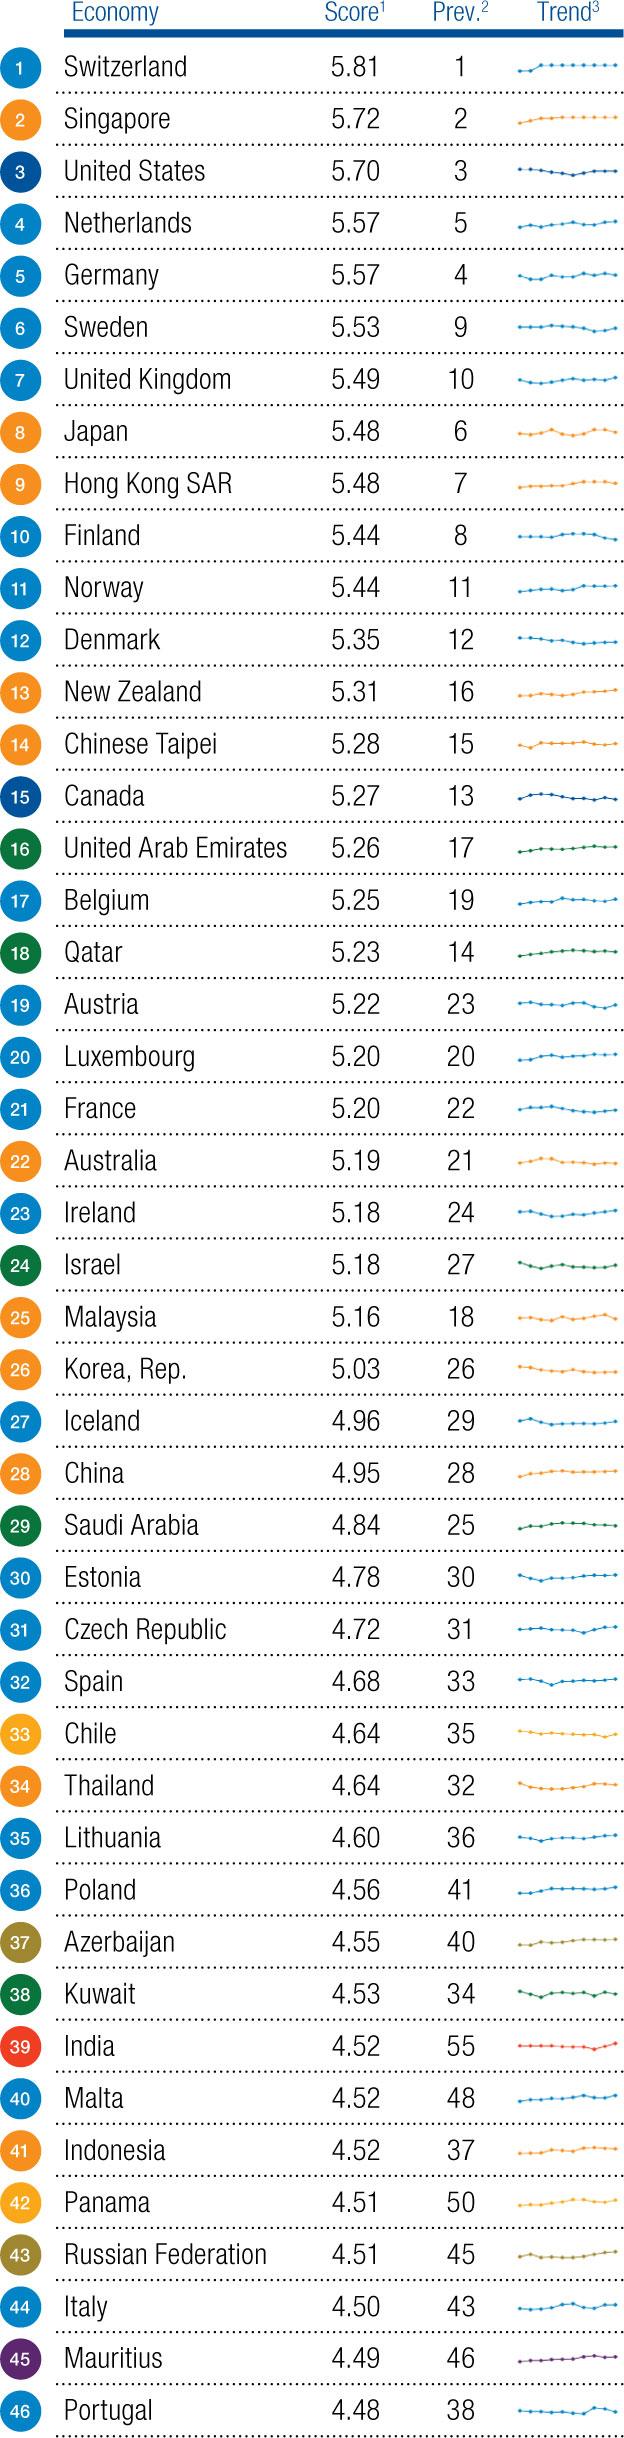 Рейтинг конкурентоспособности экономик стран - 2016: Швейцария - лидер, Украина - на 85 месте